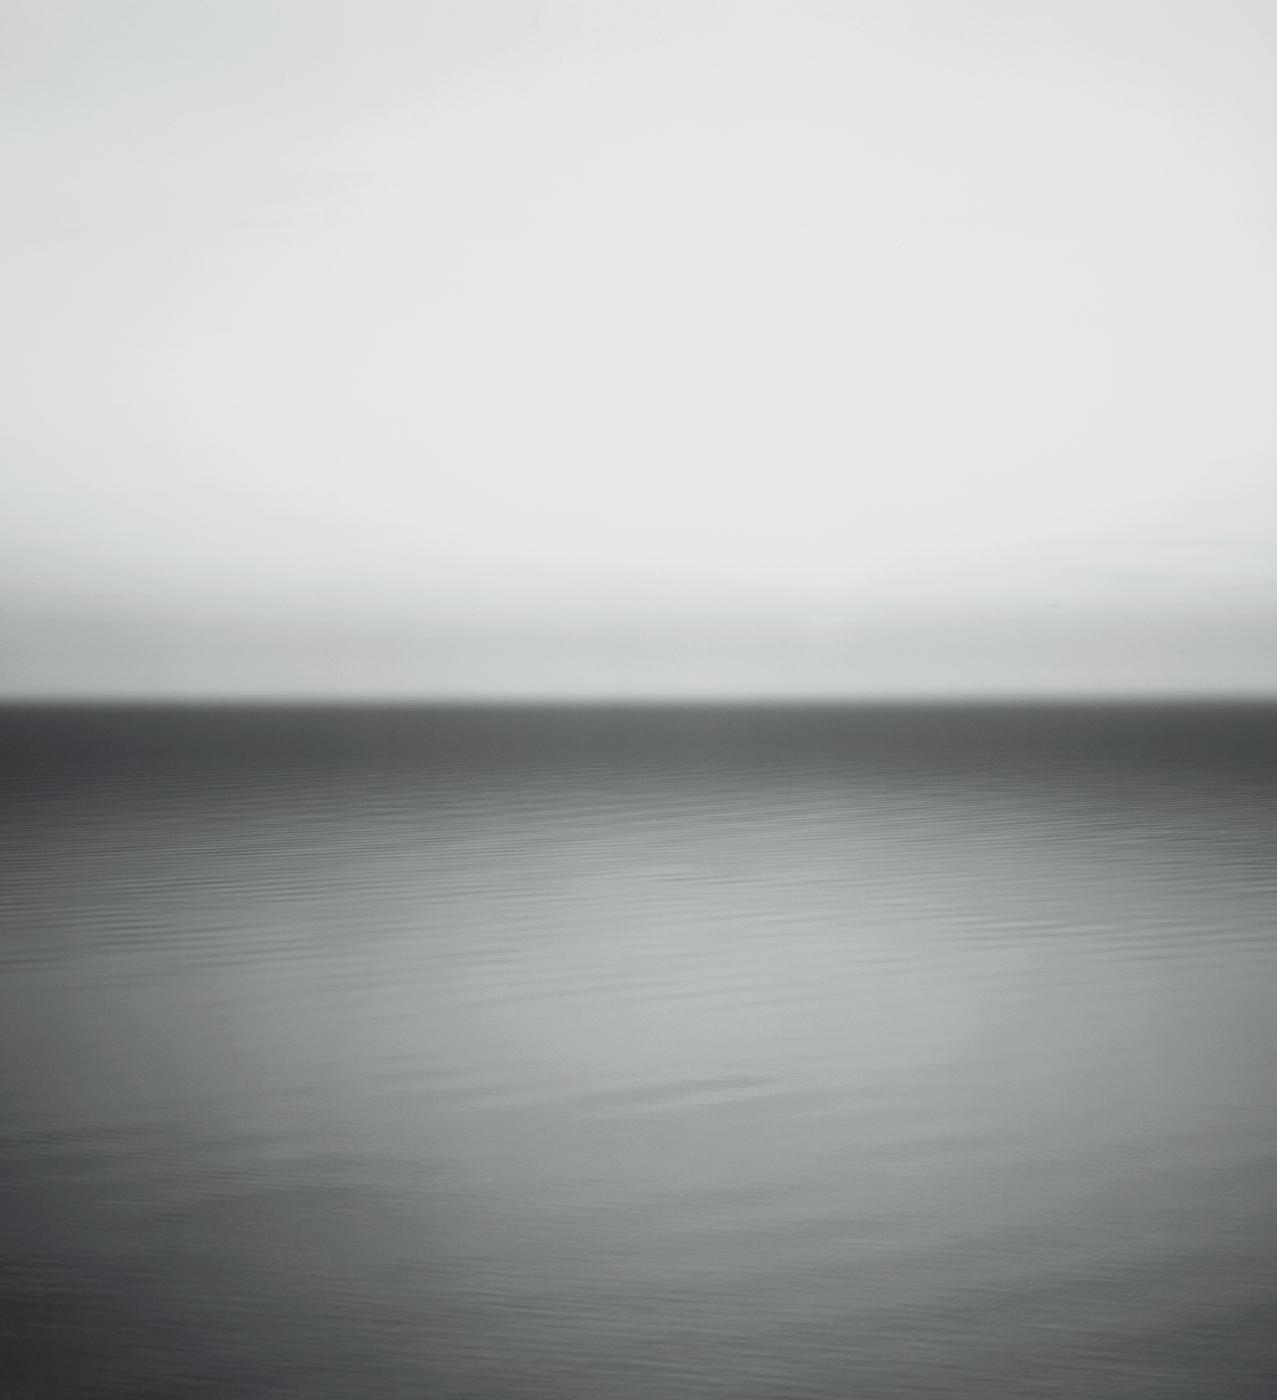 日本攝影大師 Hiroshi Sugimoto 同名的個人專集/圖片來源:Hatje Cantz 官方網頁